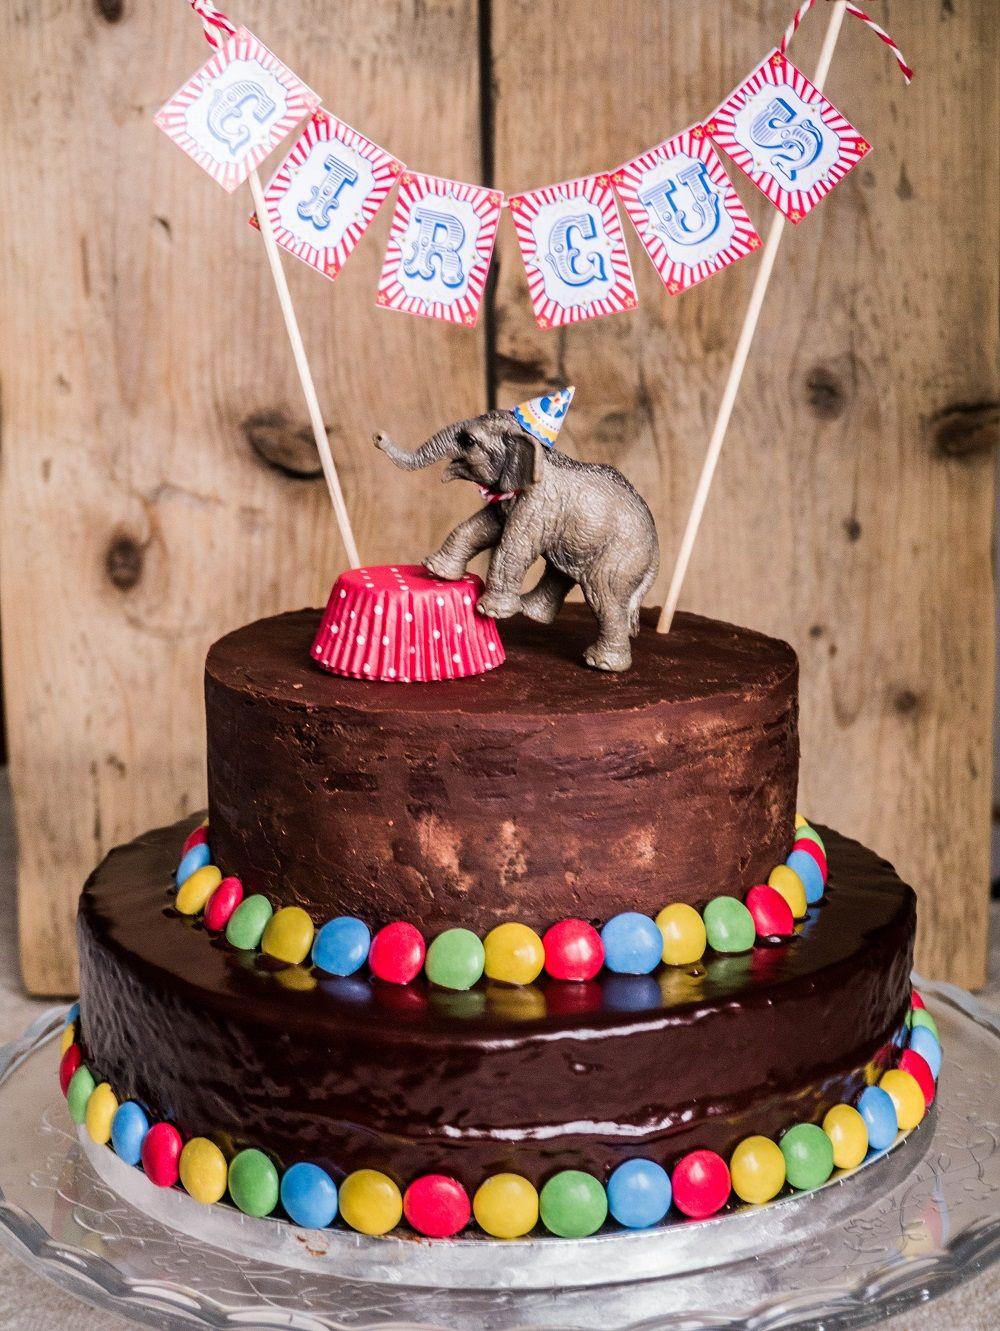 Geburtstagstorte Circus Zirkustorten Geburtstag Kuchen Dekorieren Geburtstagstorte